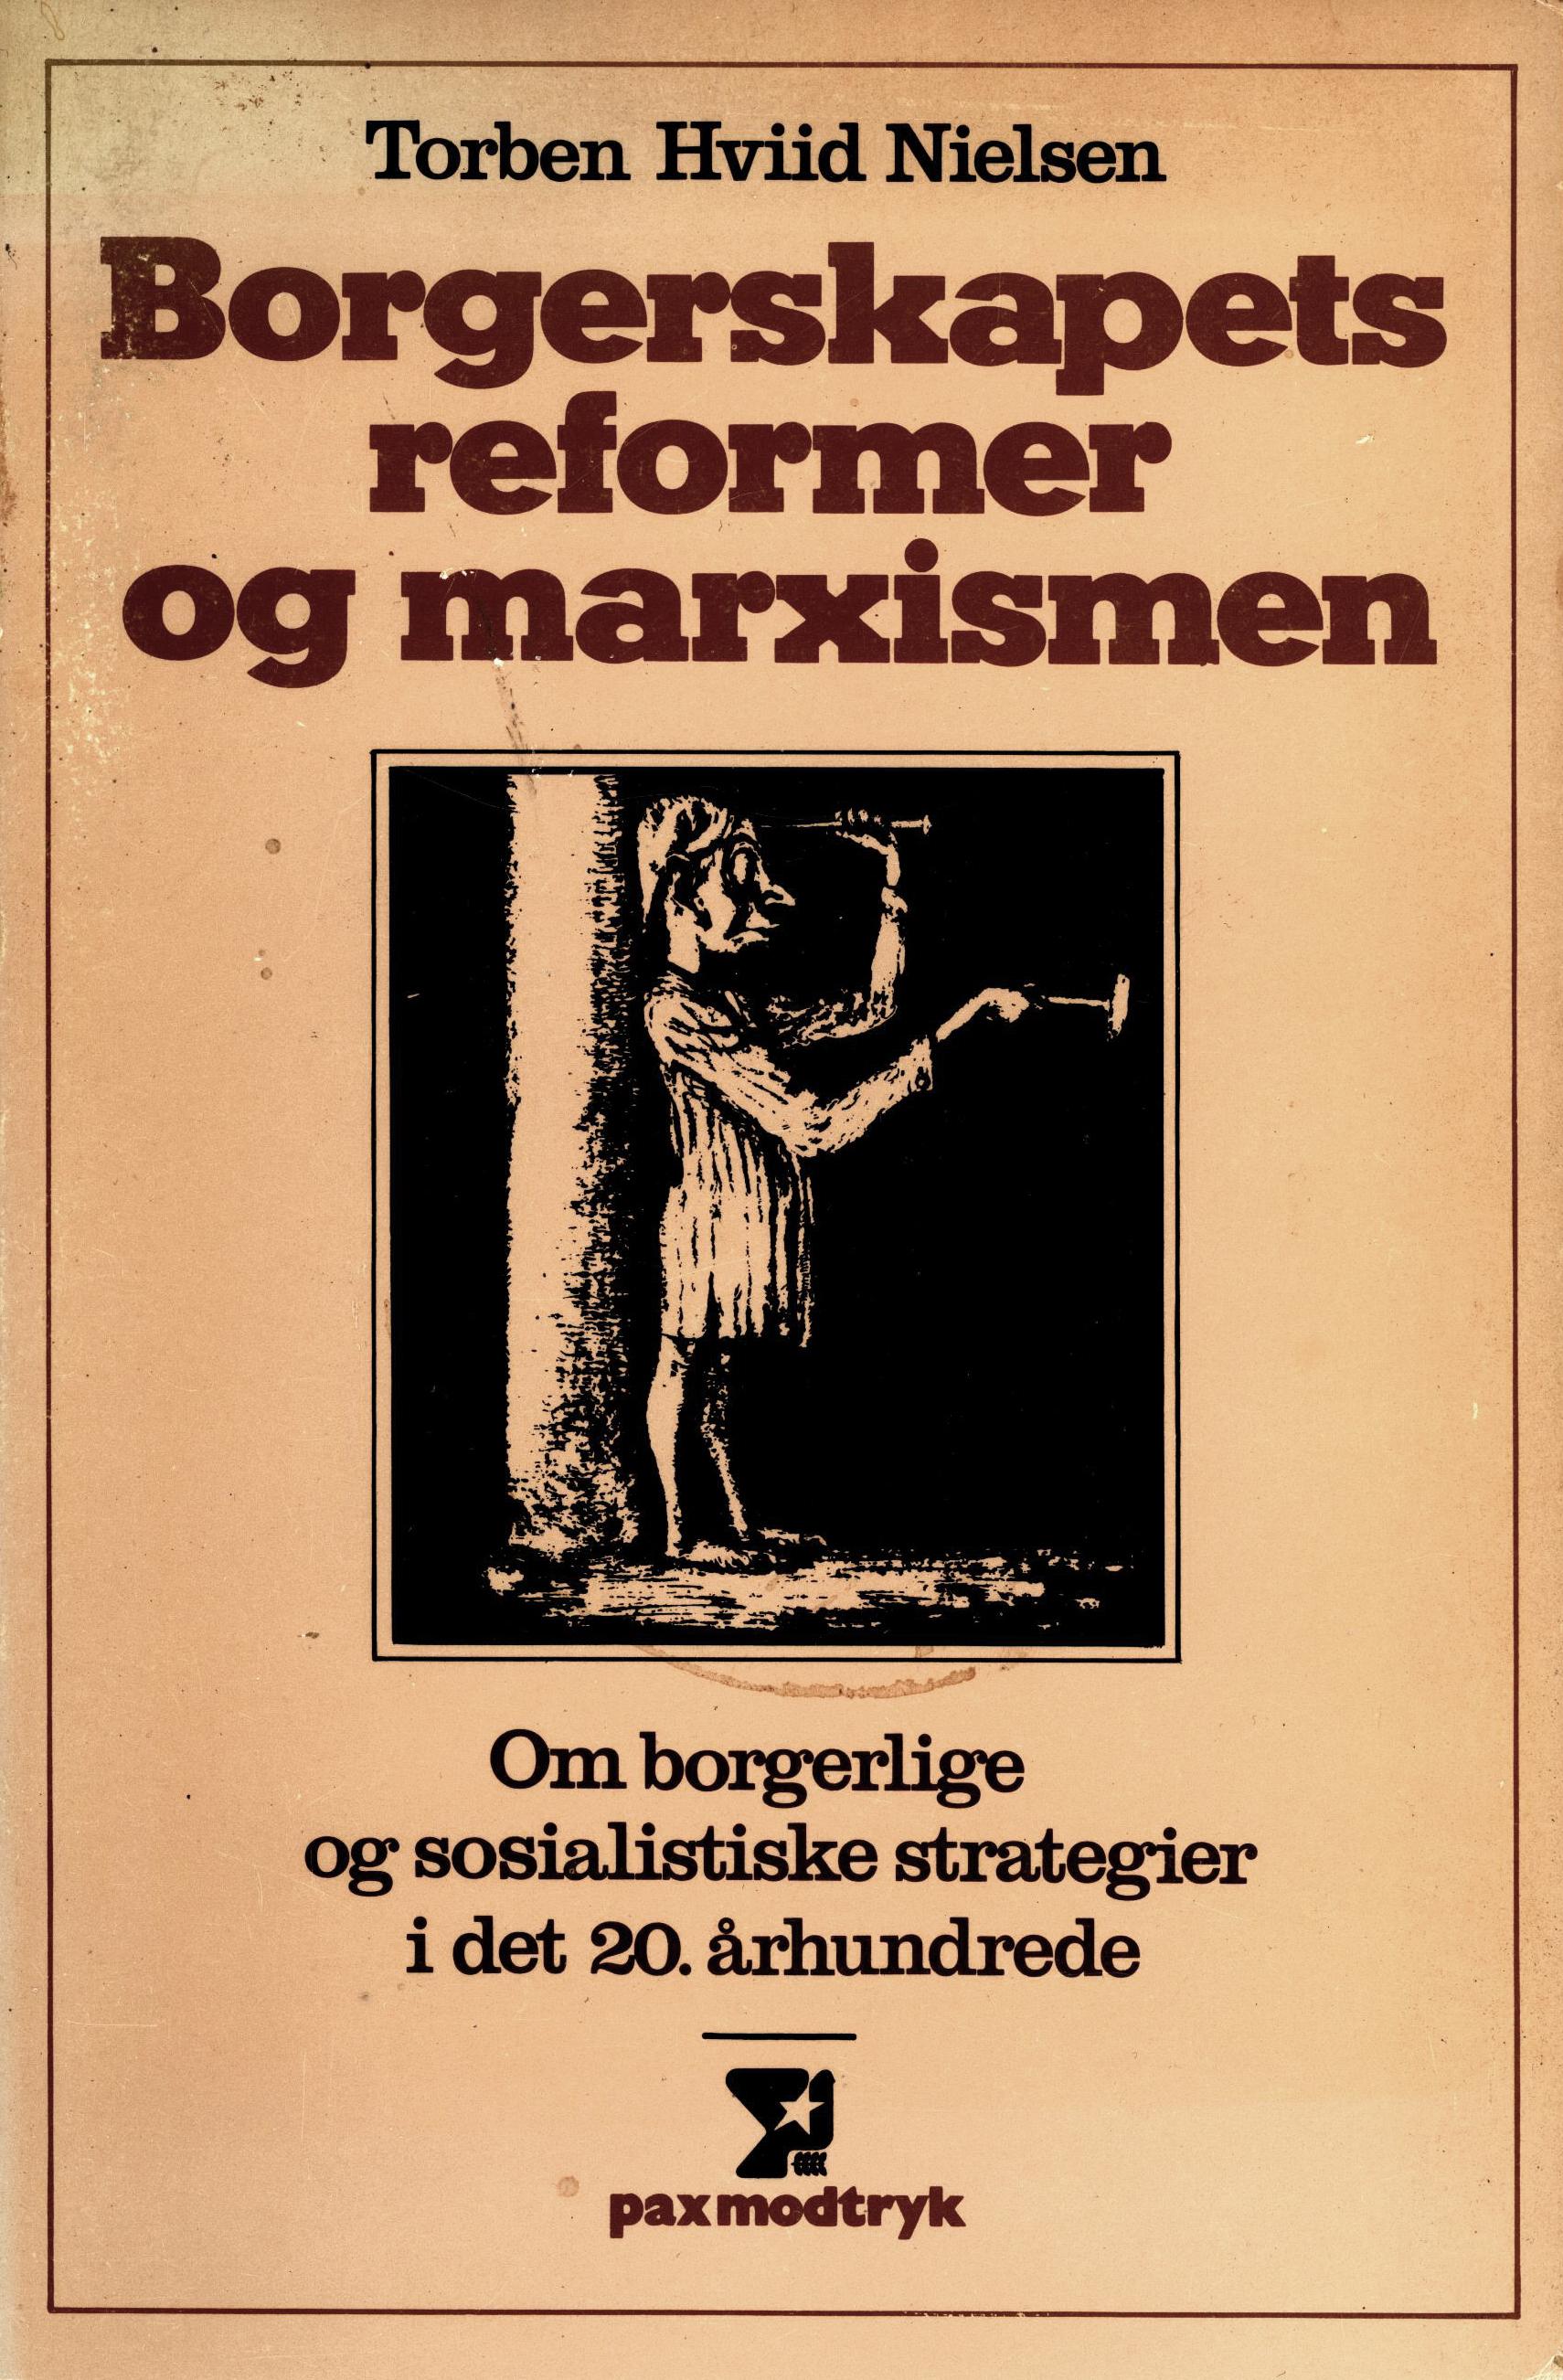 Torben Hviid Nielsen: Borgerskapets reformer og marxismen